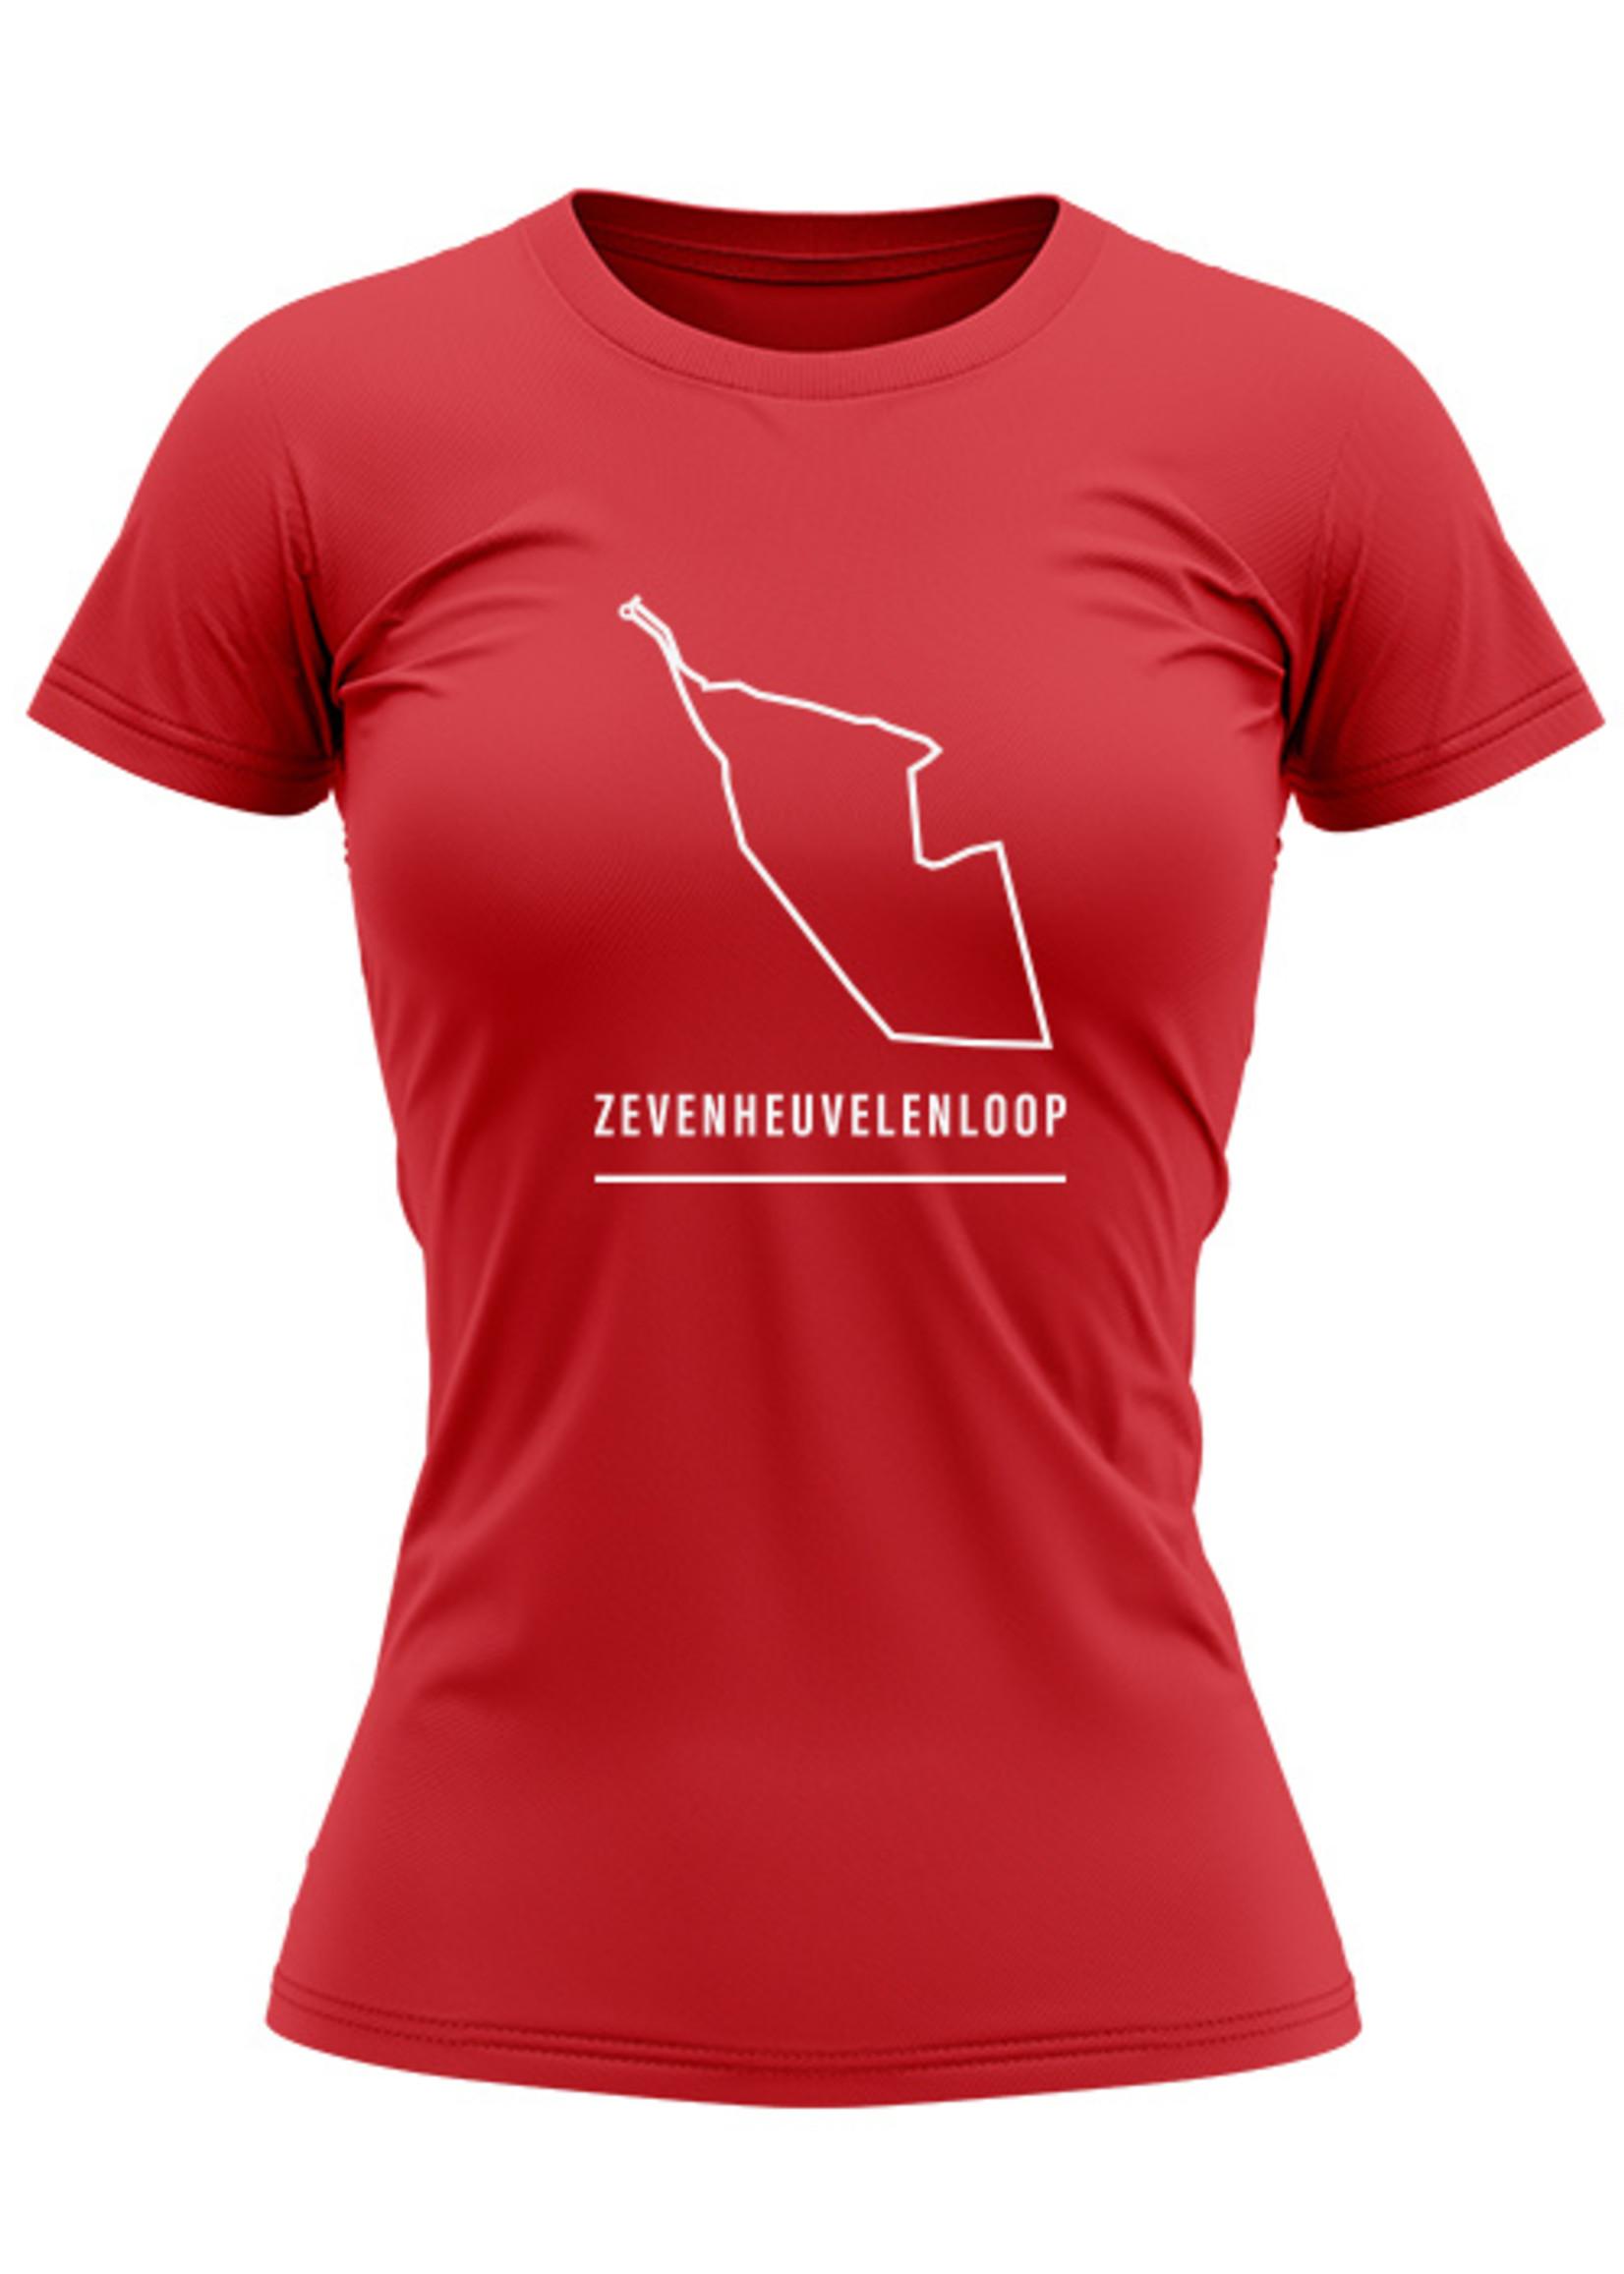 Rebel & Dutch Dames sportshirt Zevenheuvelen loop